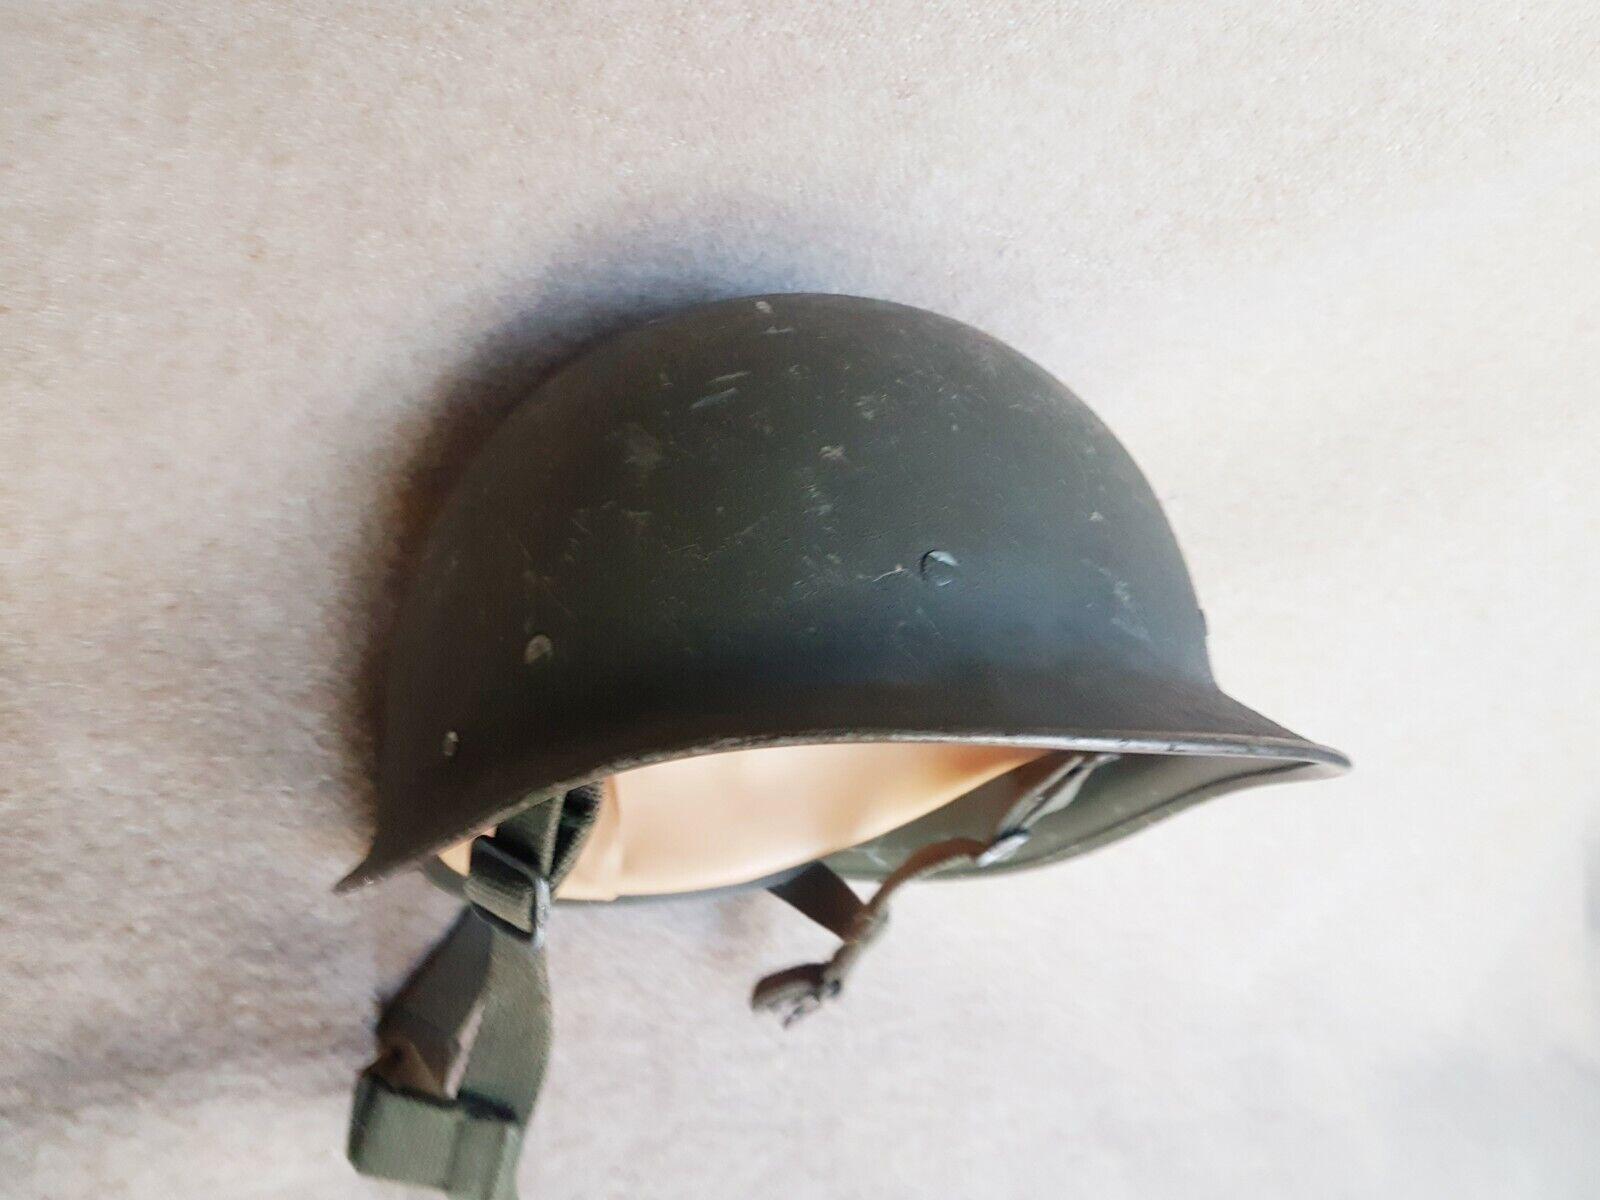 Bild 1 - Helm-Stahlhelm-Bundeswehr